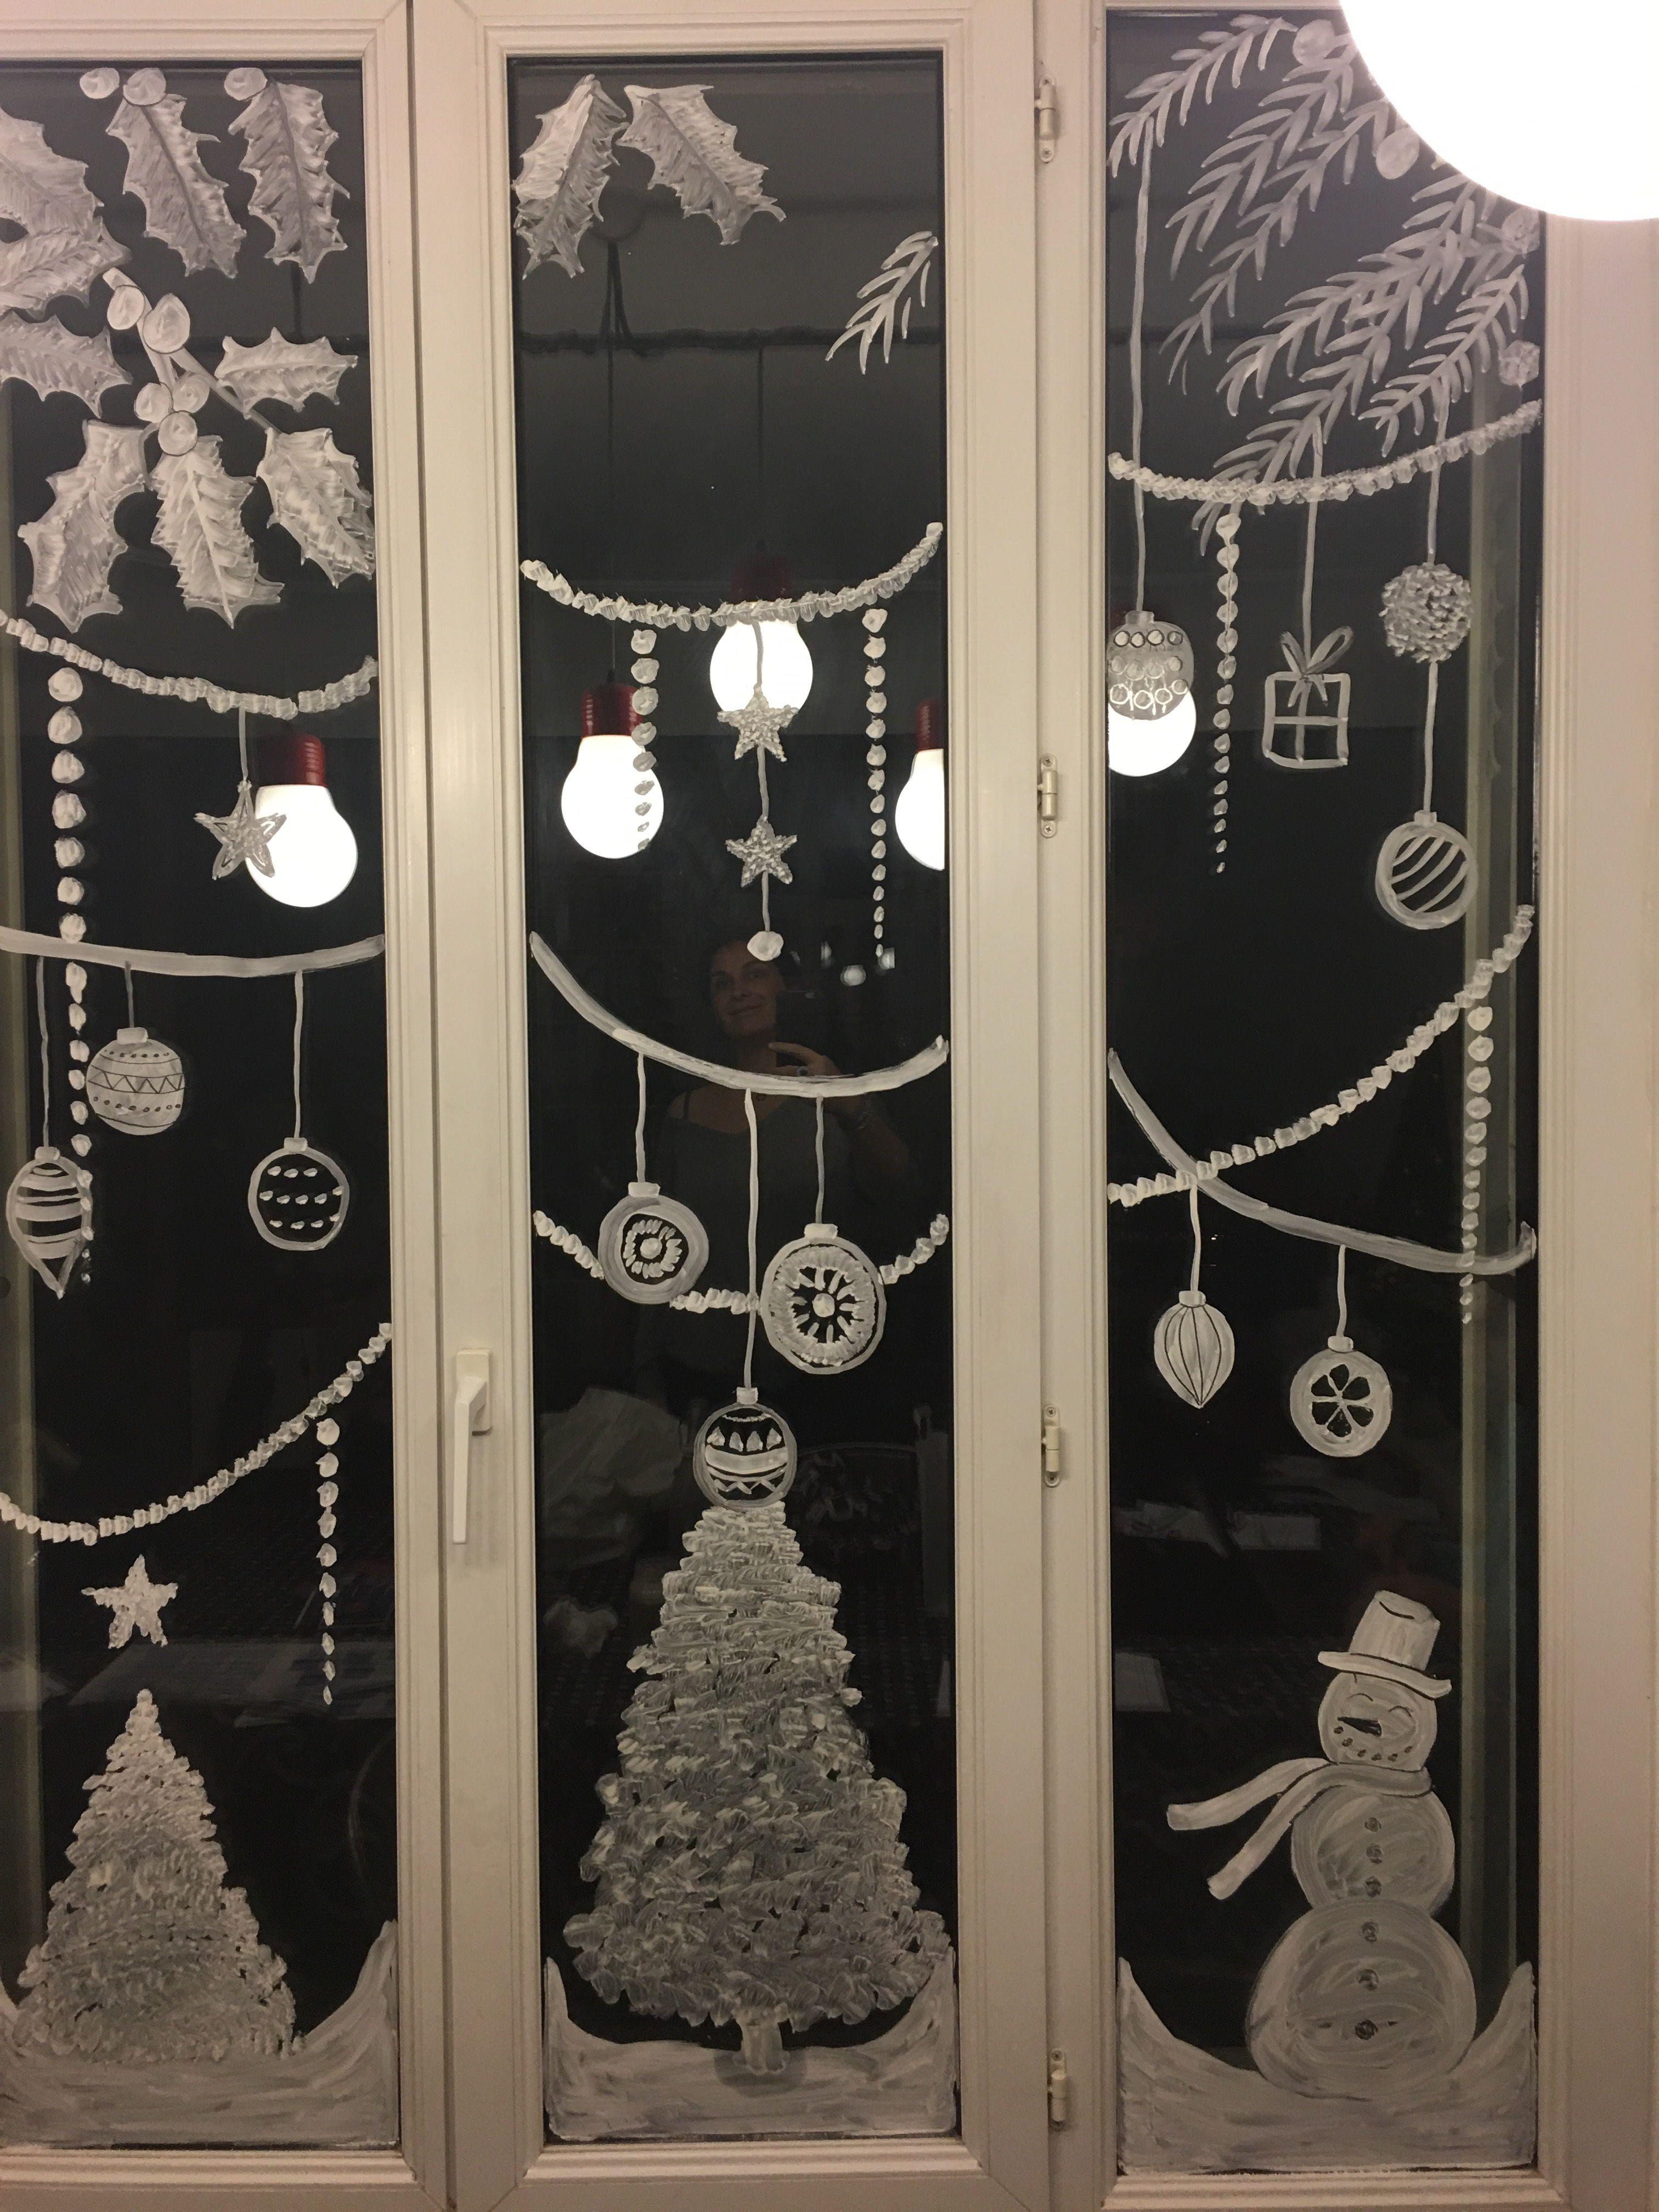 Dessiner Sur Une Vitre à Noël Deco Noel Decoration